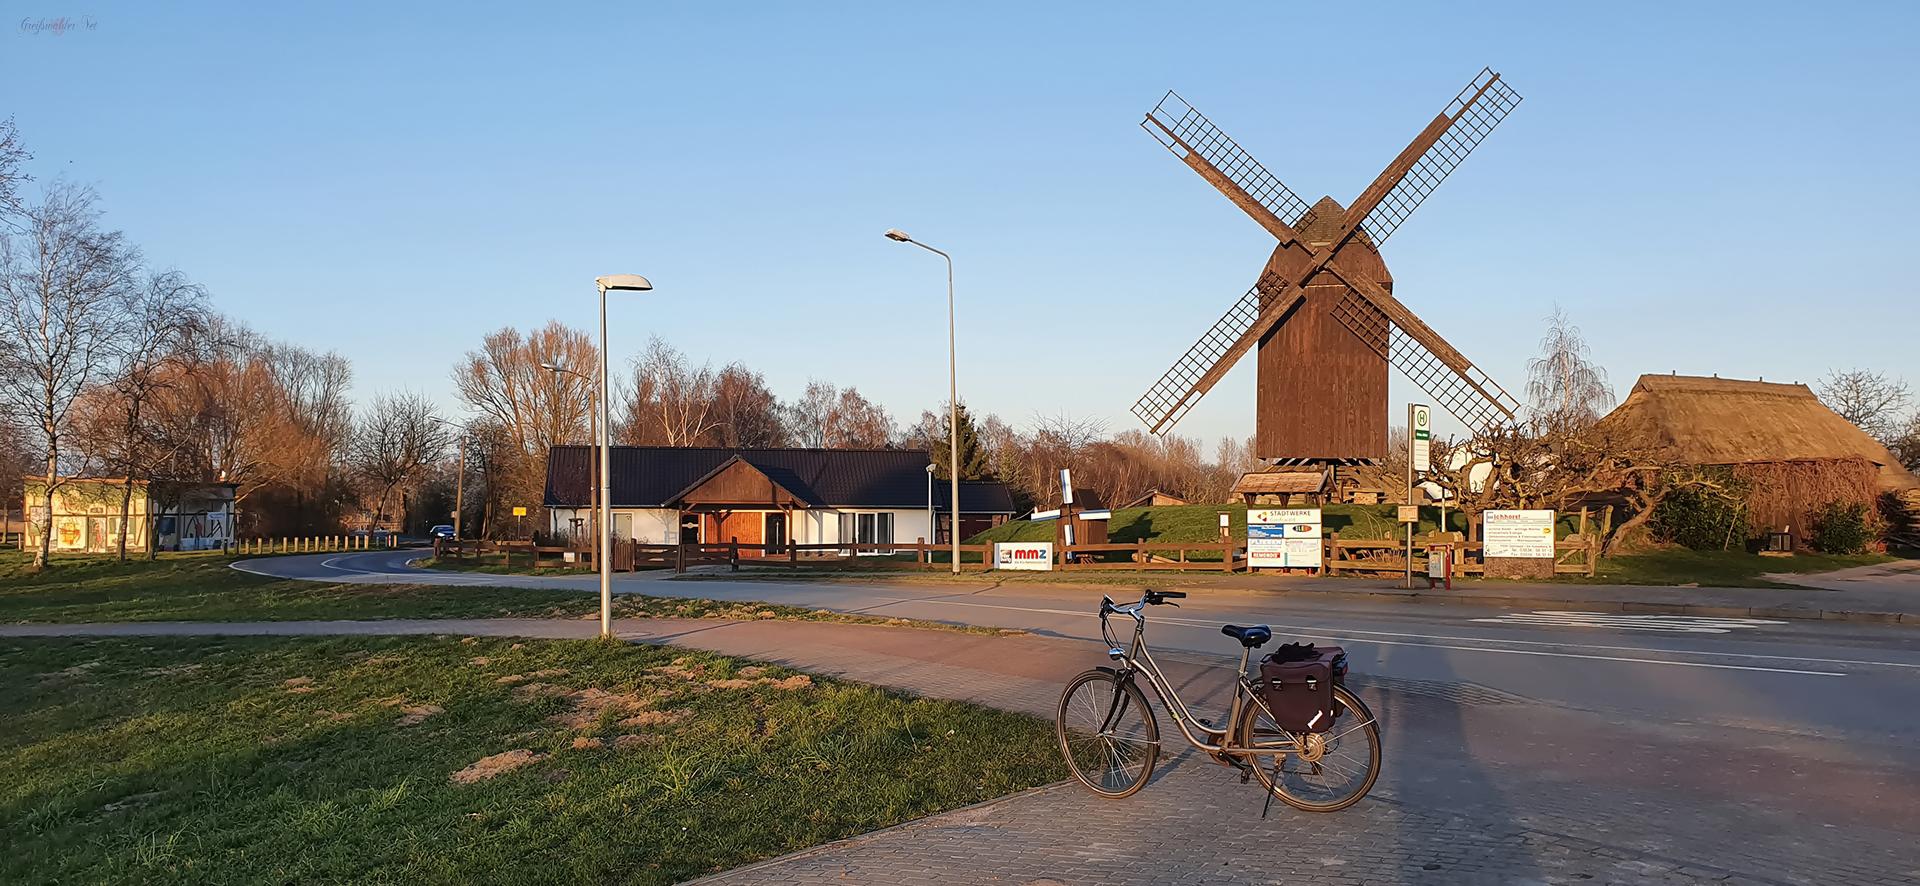 Vorfrühlingsabend an der Bockwindmühle in Greifswald-Eldena